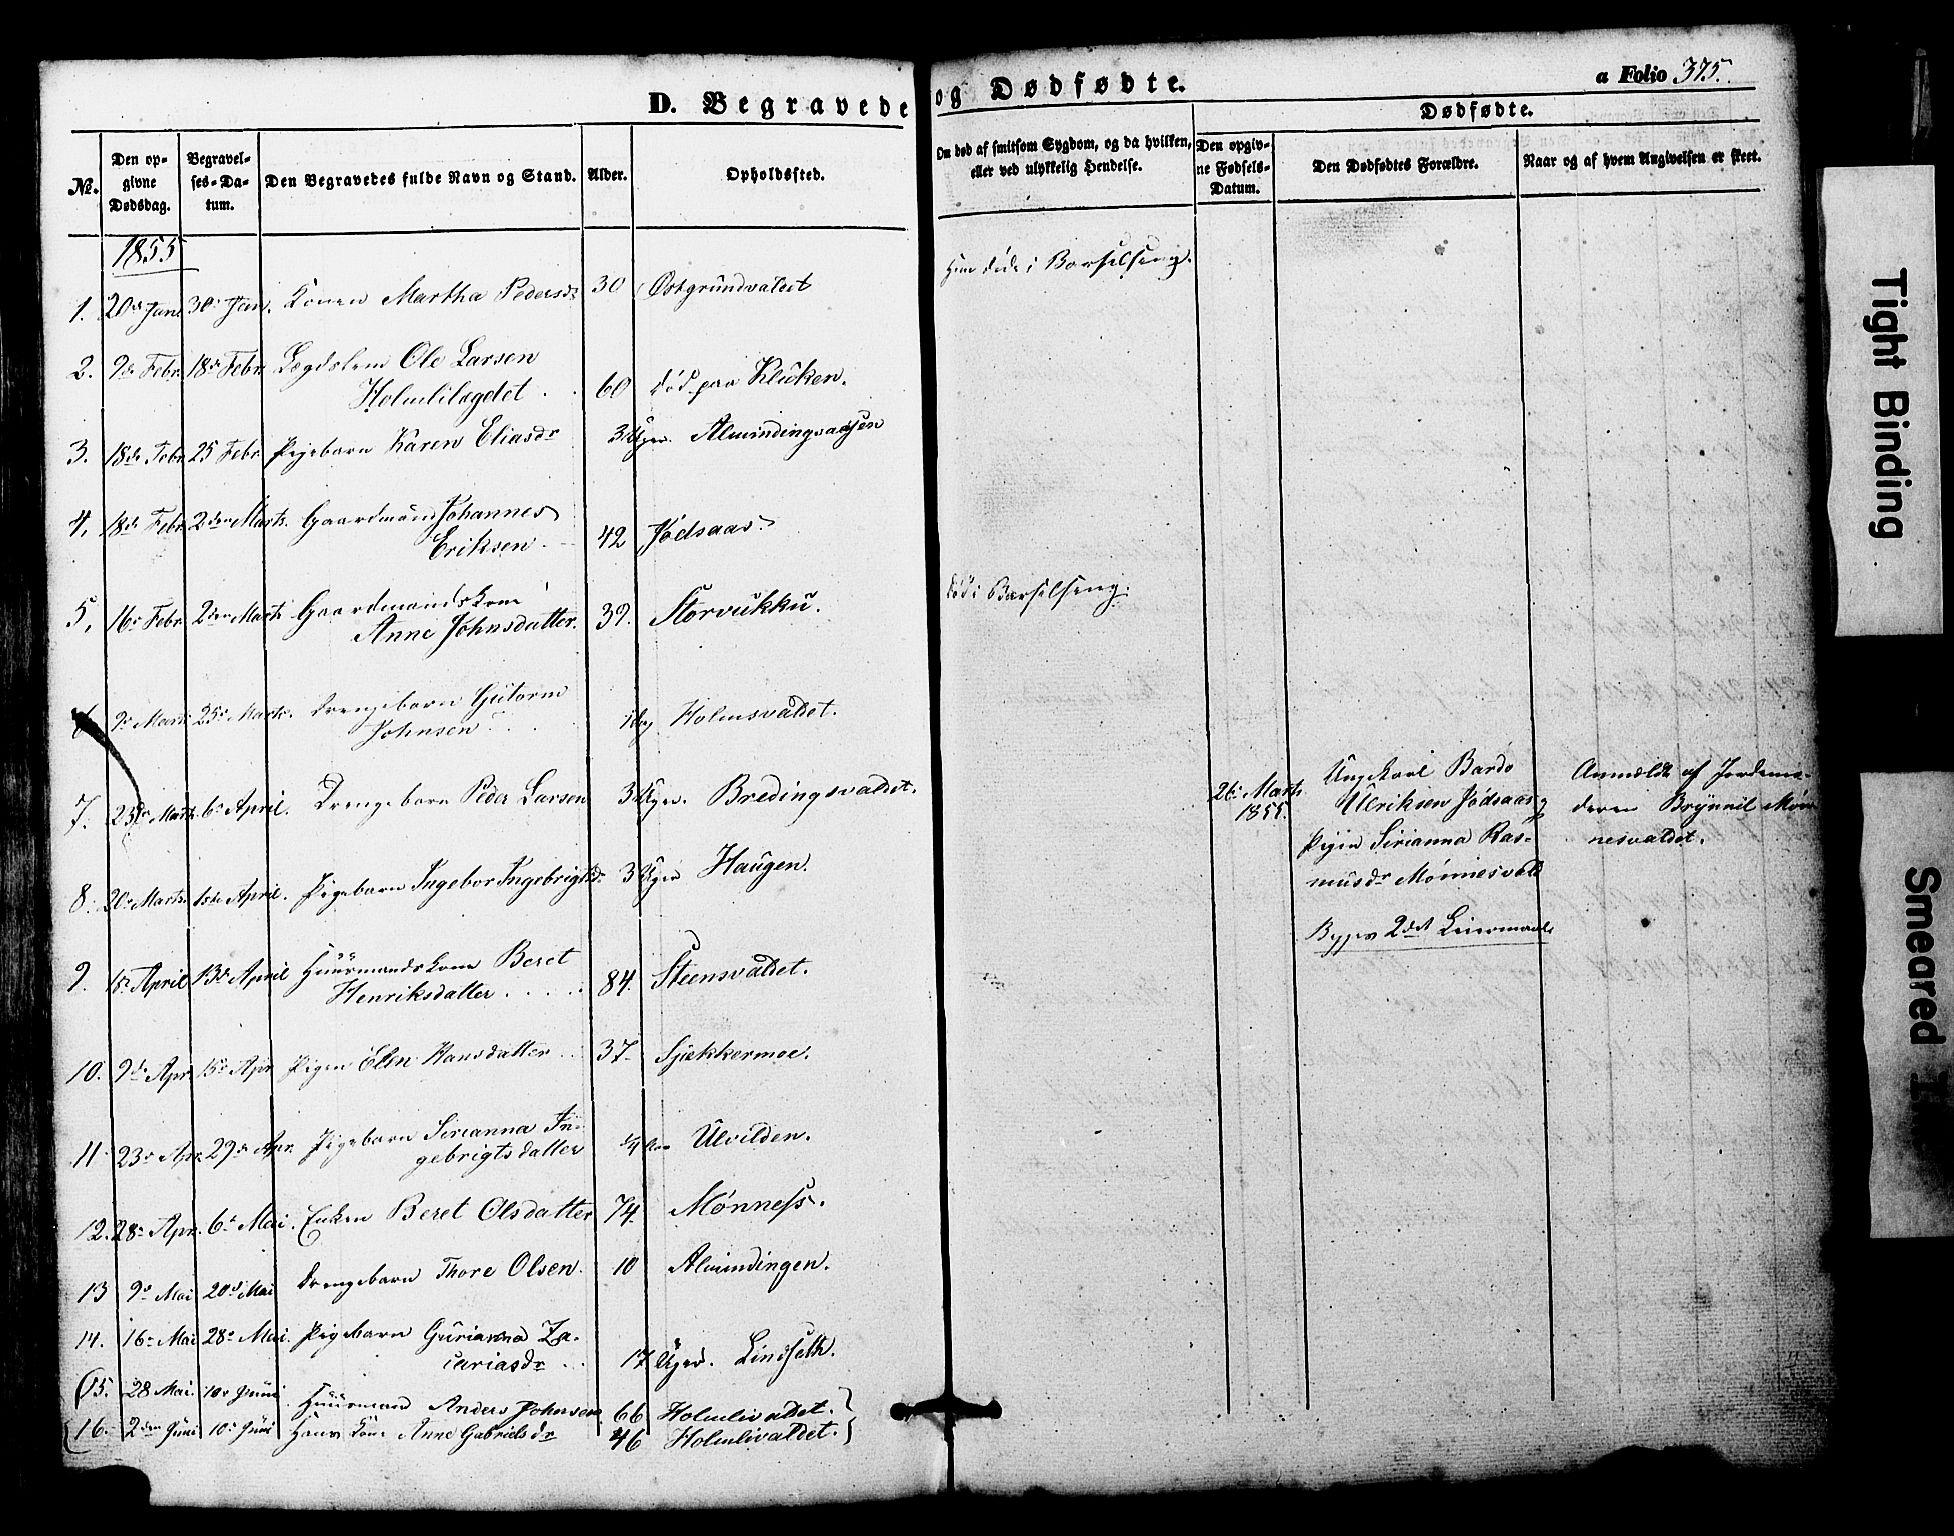 SAT, Ministerialprotokoller, klokkerbøker og fødselsregistre - Nord-Trøndelag, 724/L0268: Klokkerbok nr. 724C04, 1846-1878, s. 375